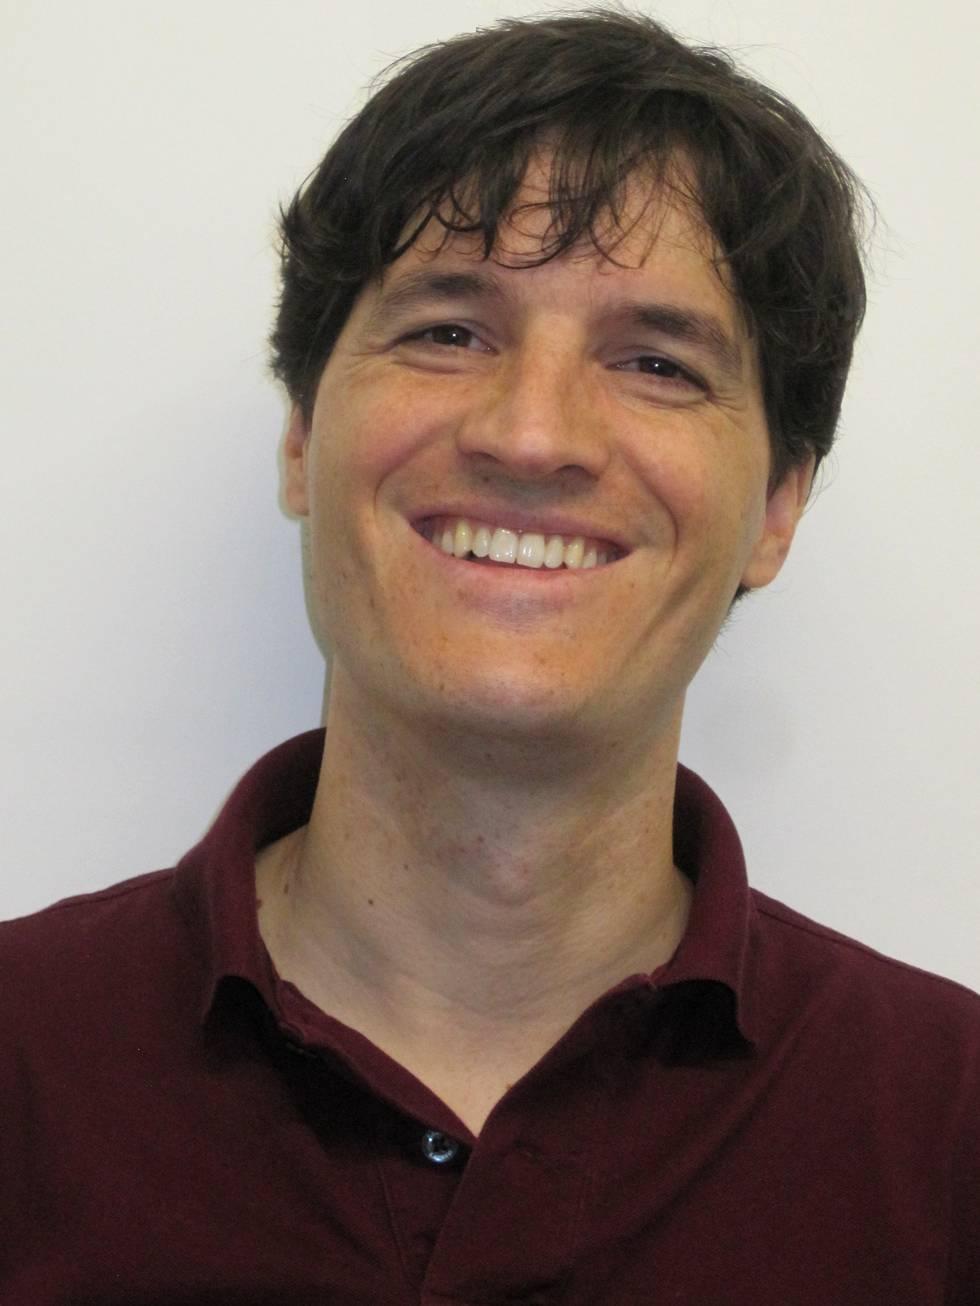 Gianluca Olgiati